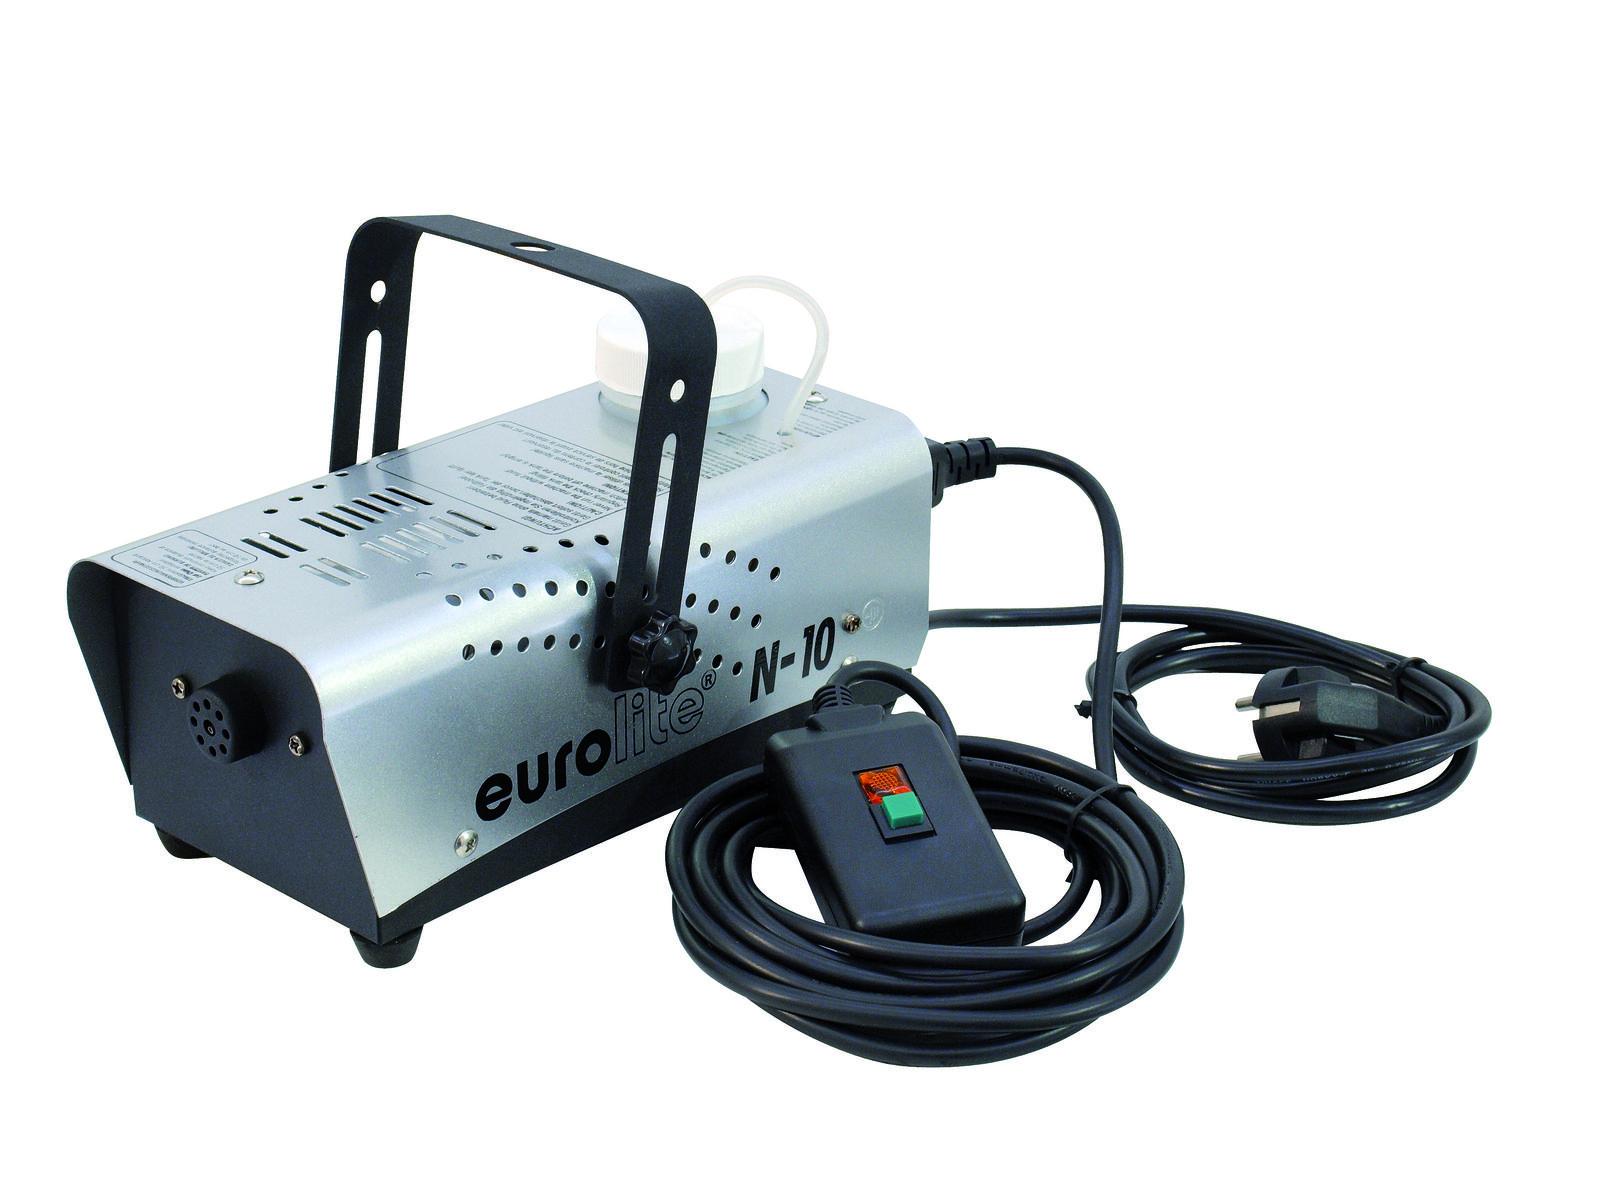 Eurolite-N-10-avec-ON-OFF-Controleur